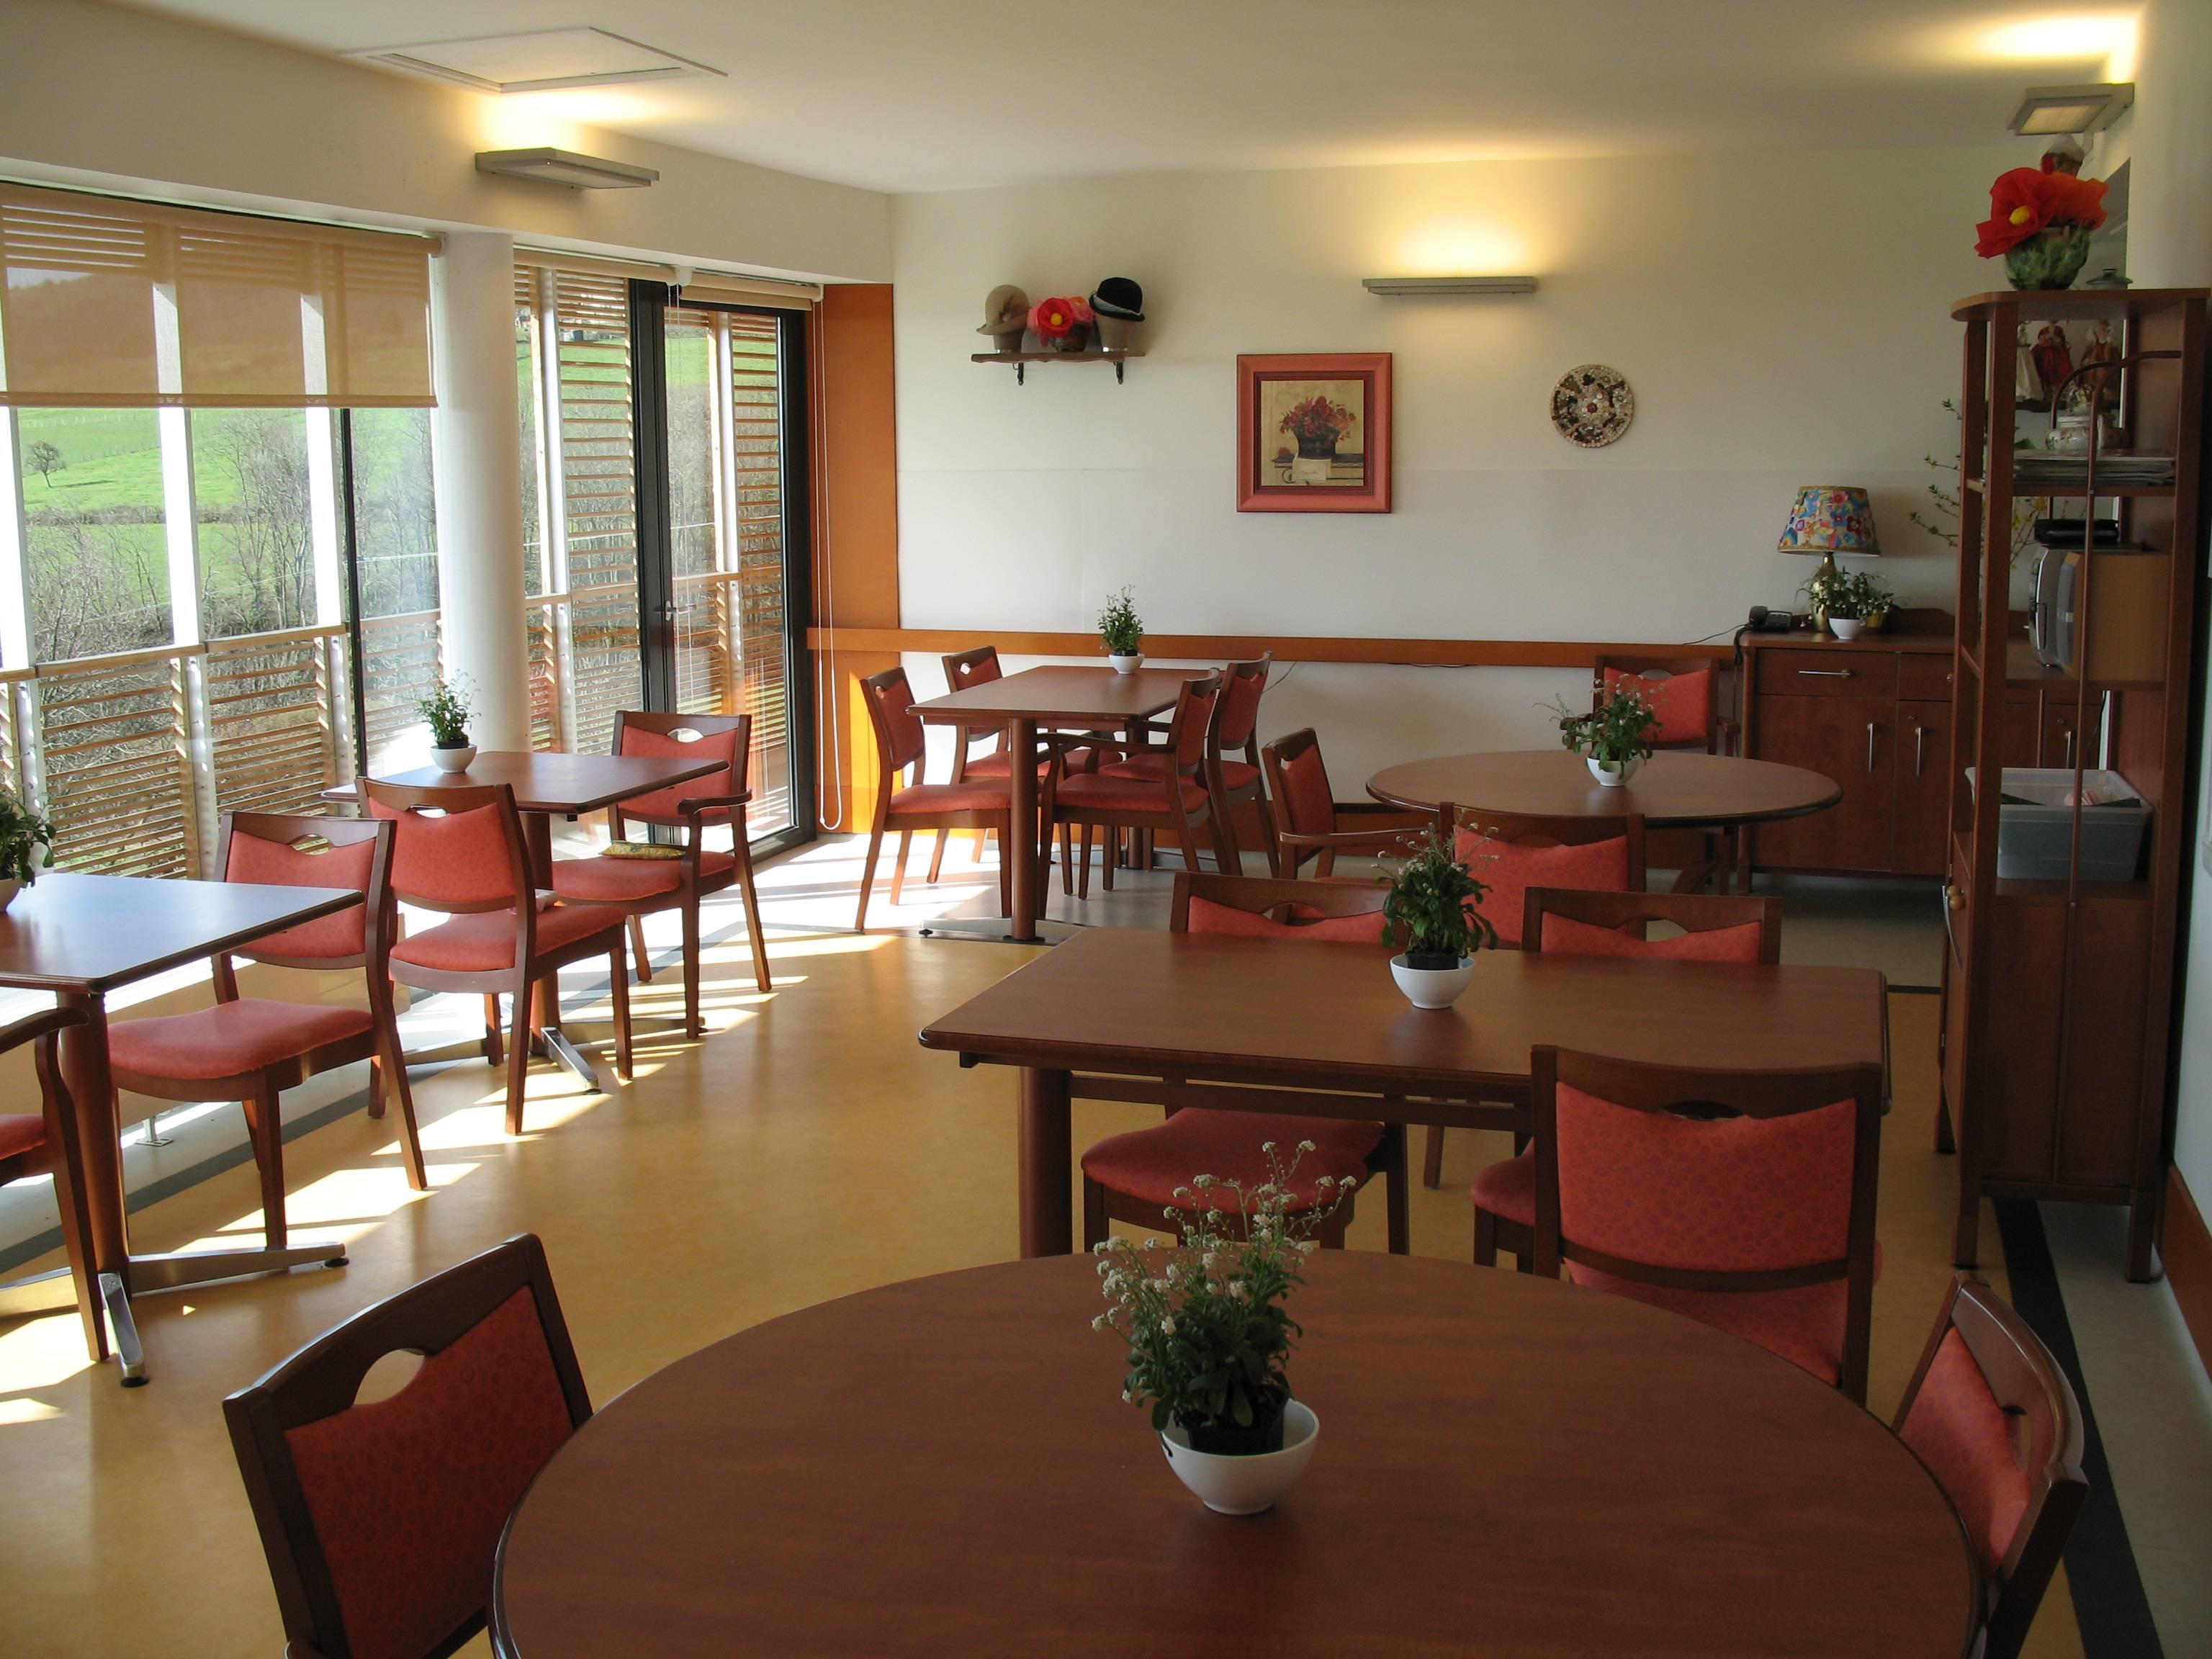 Maison de retraite intercommunale jean villard pollionnay for Annuaire maison de retraite